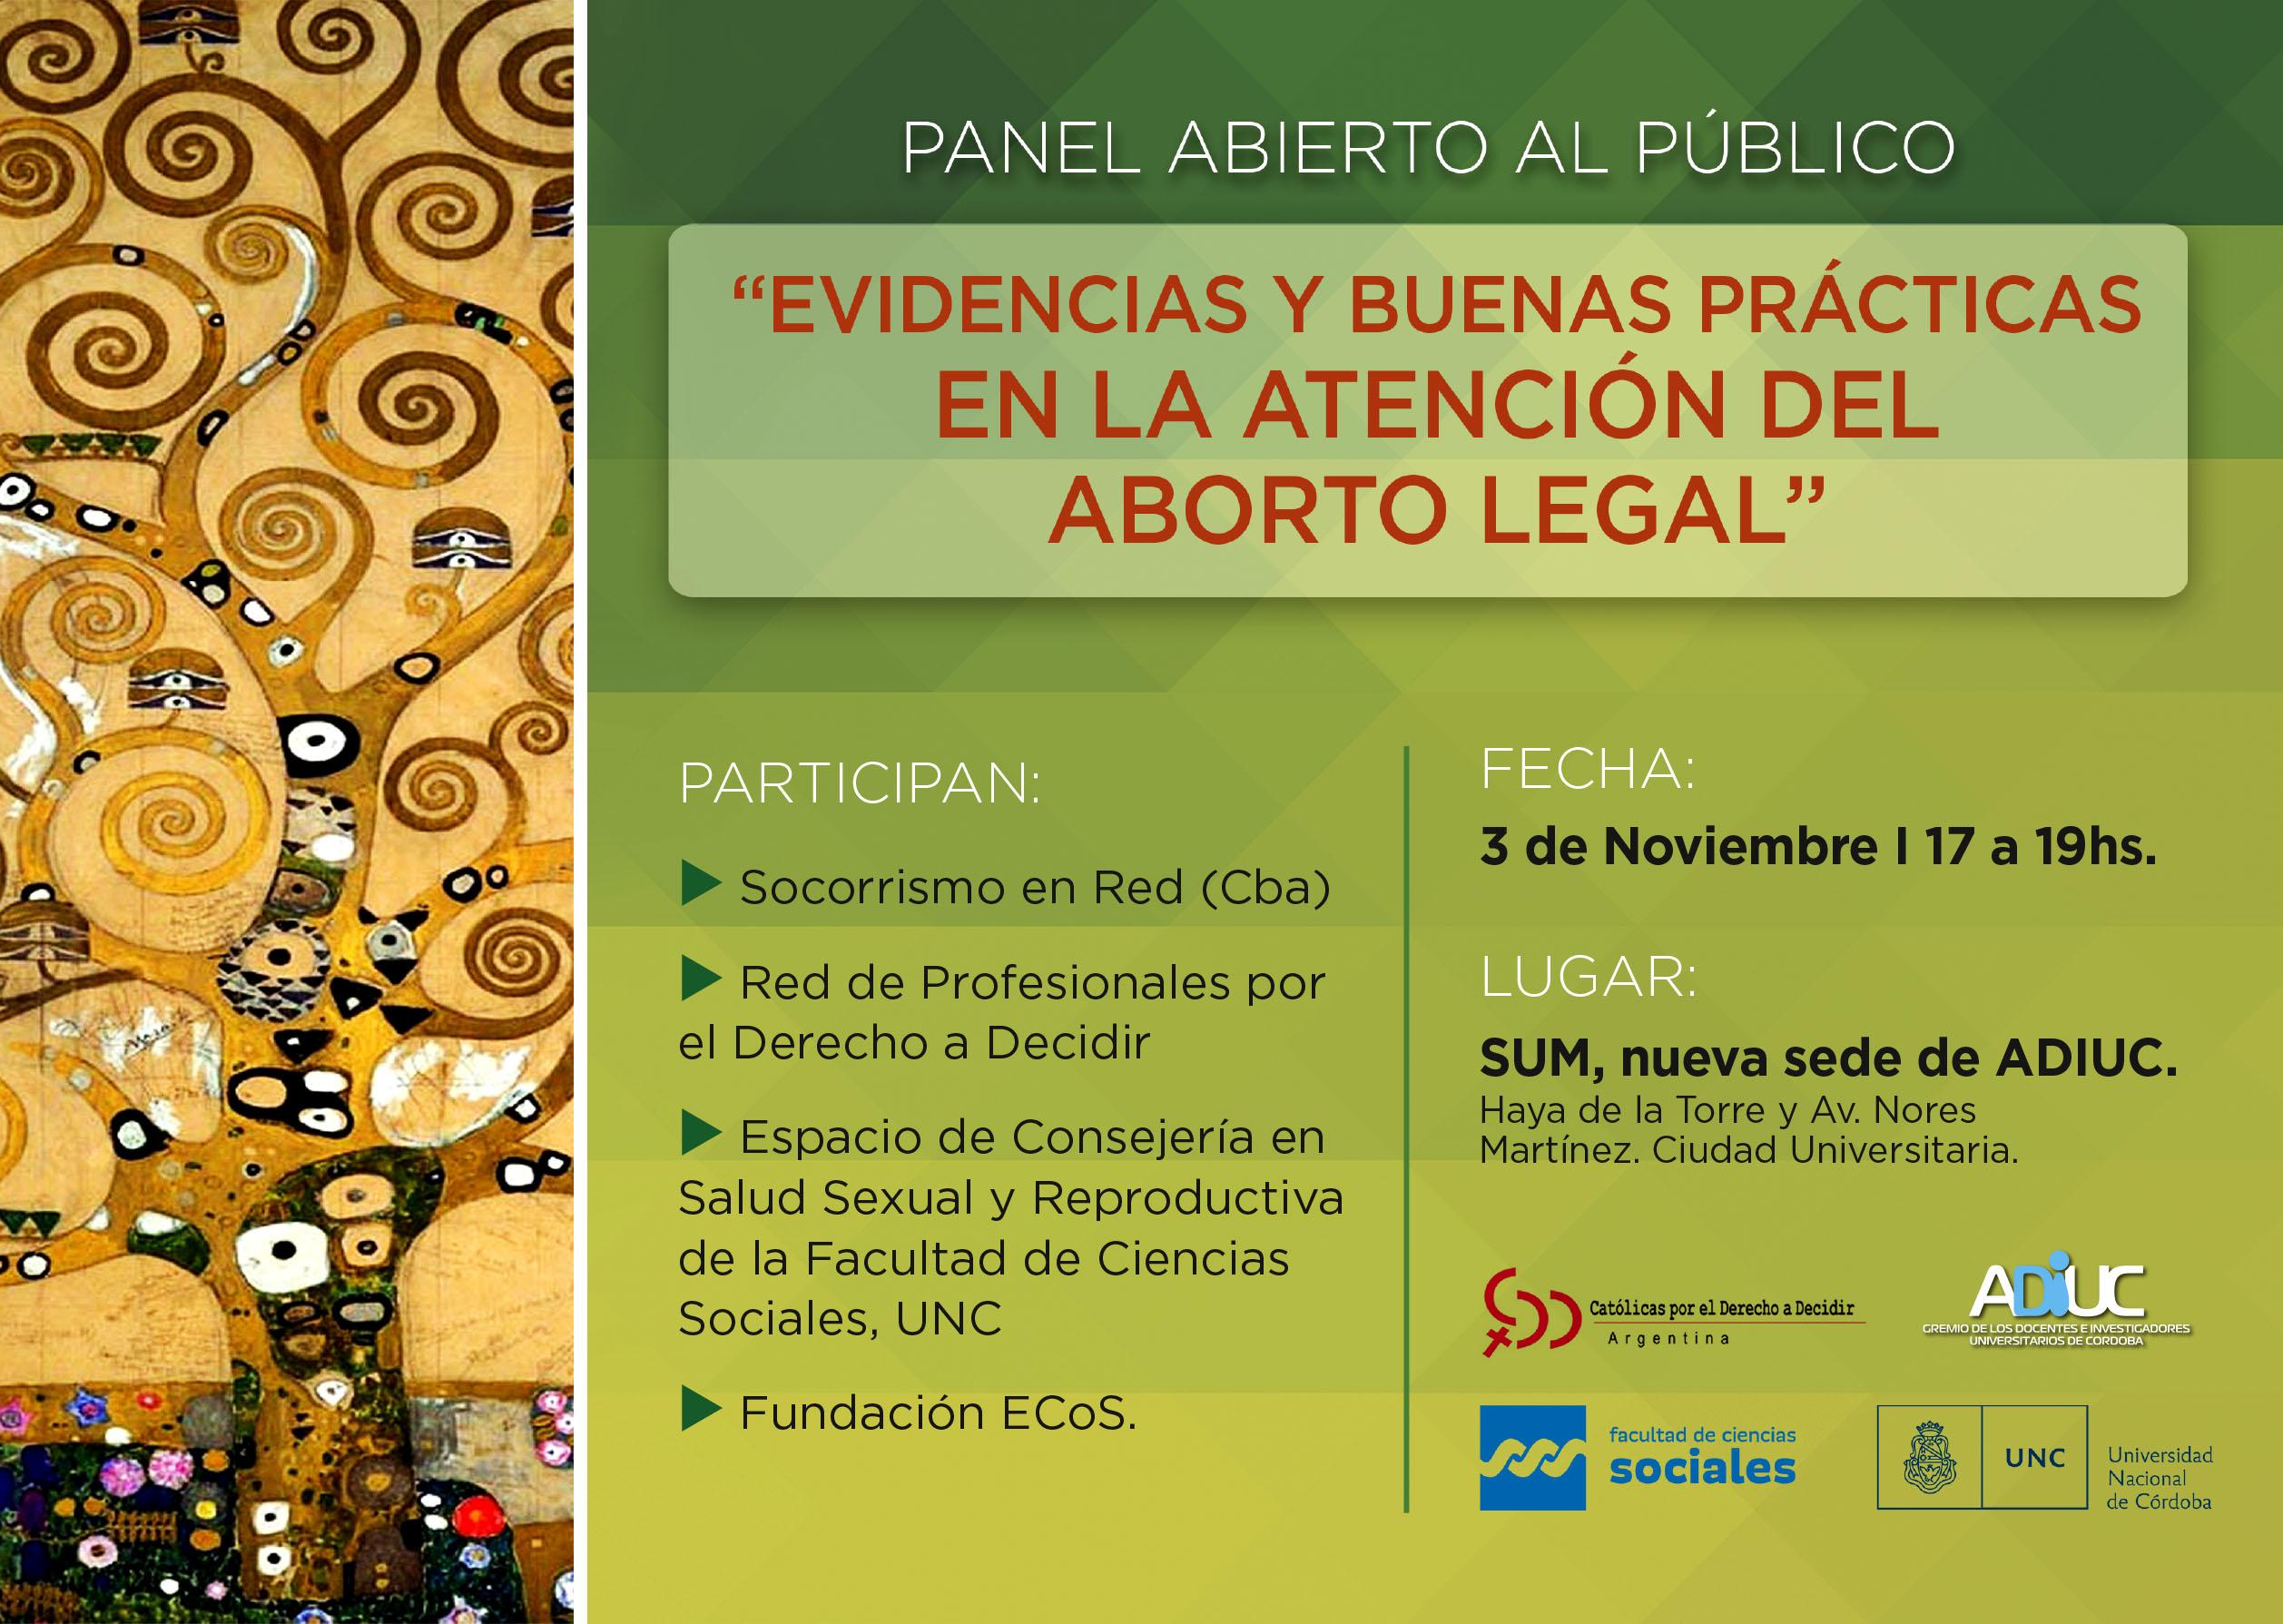 Evidencias y buenas prácticas en la atención del aborto legal